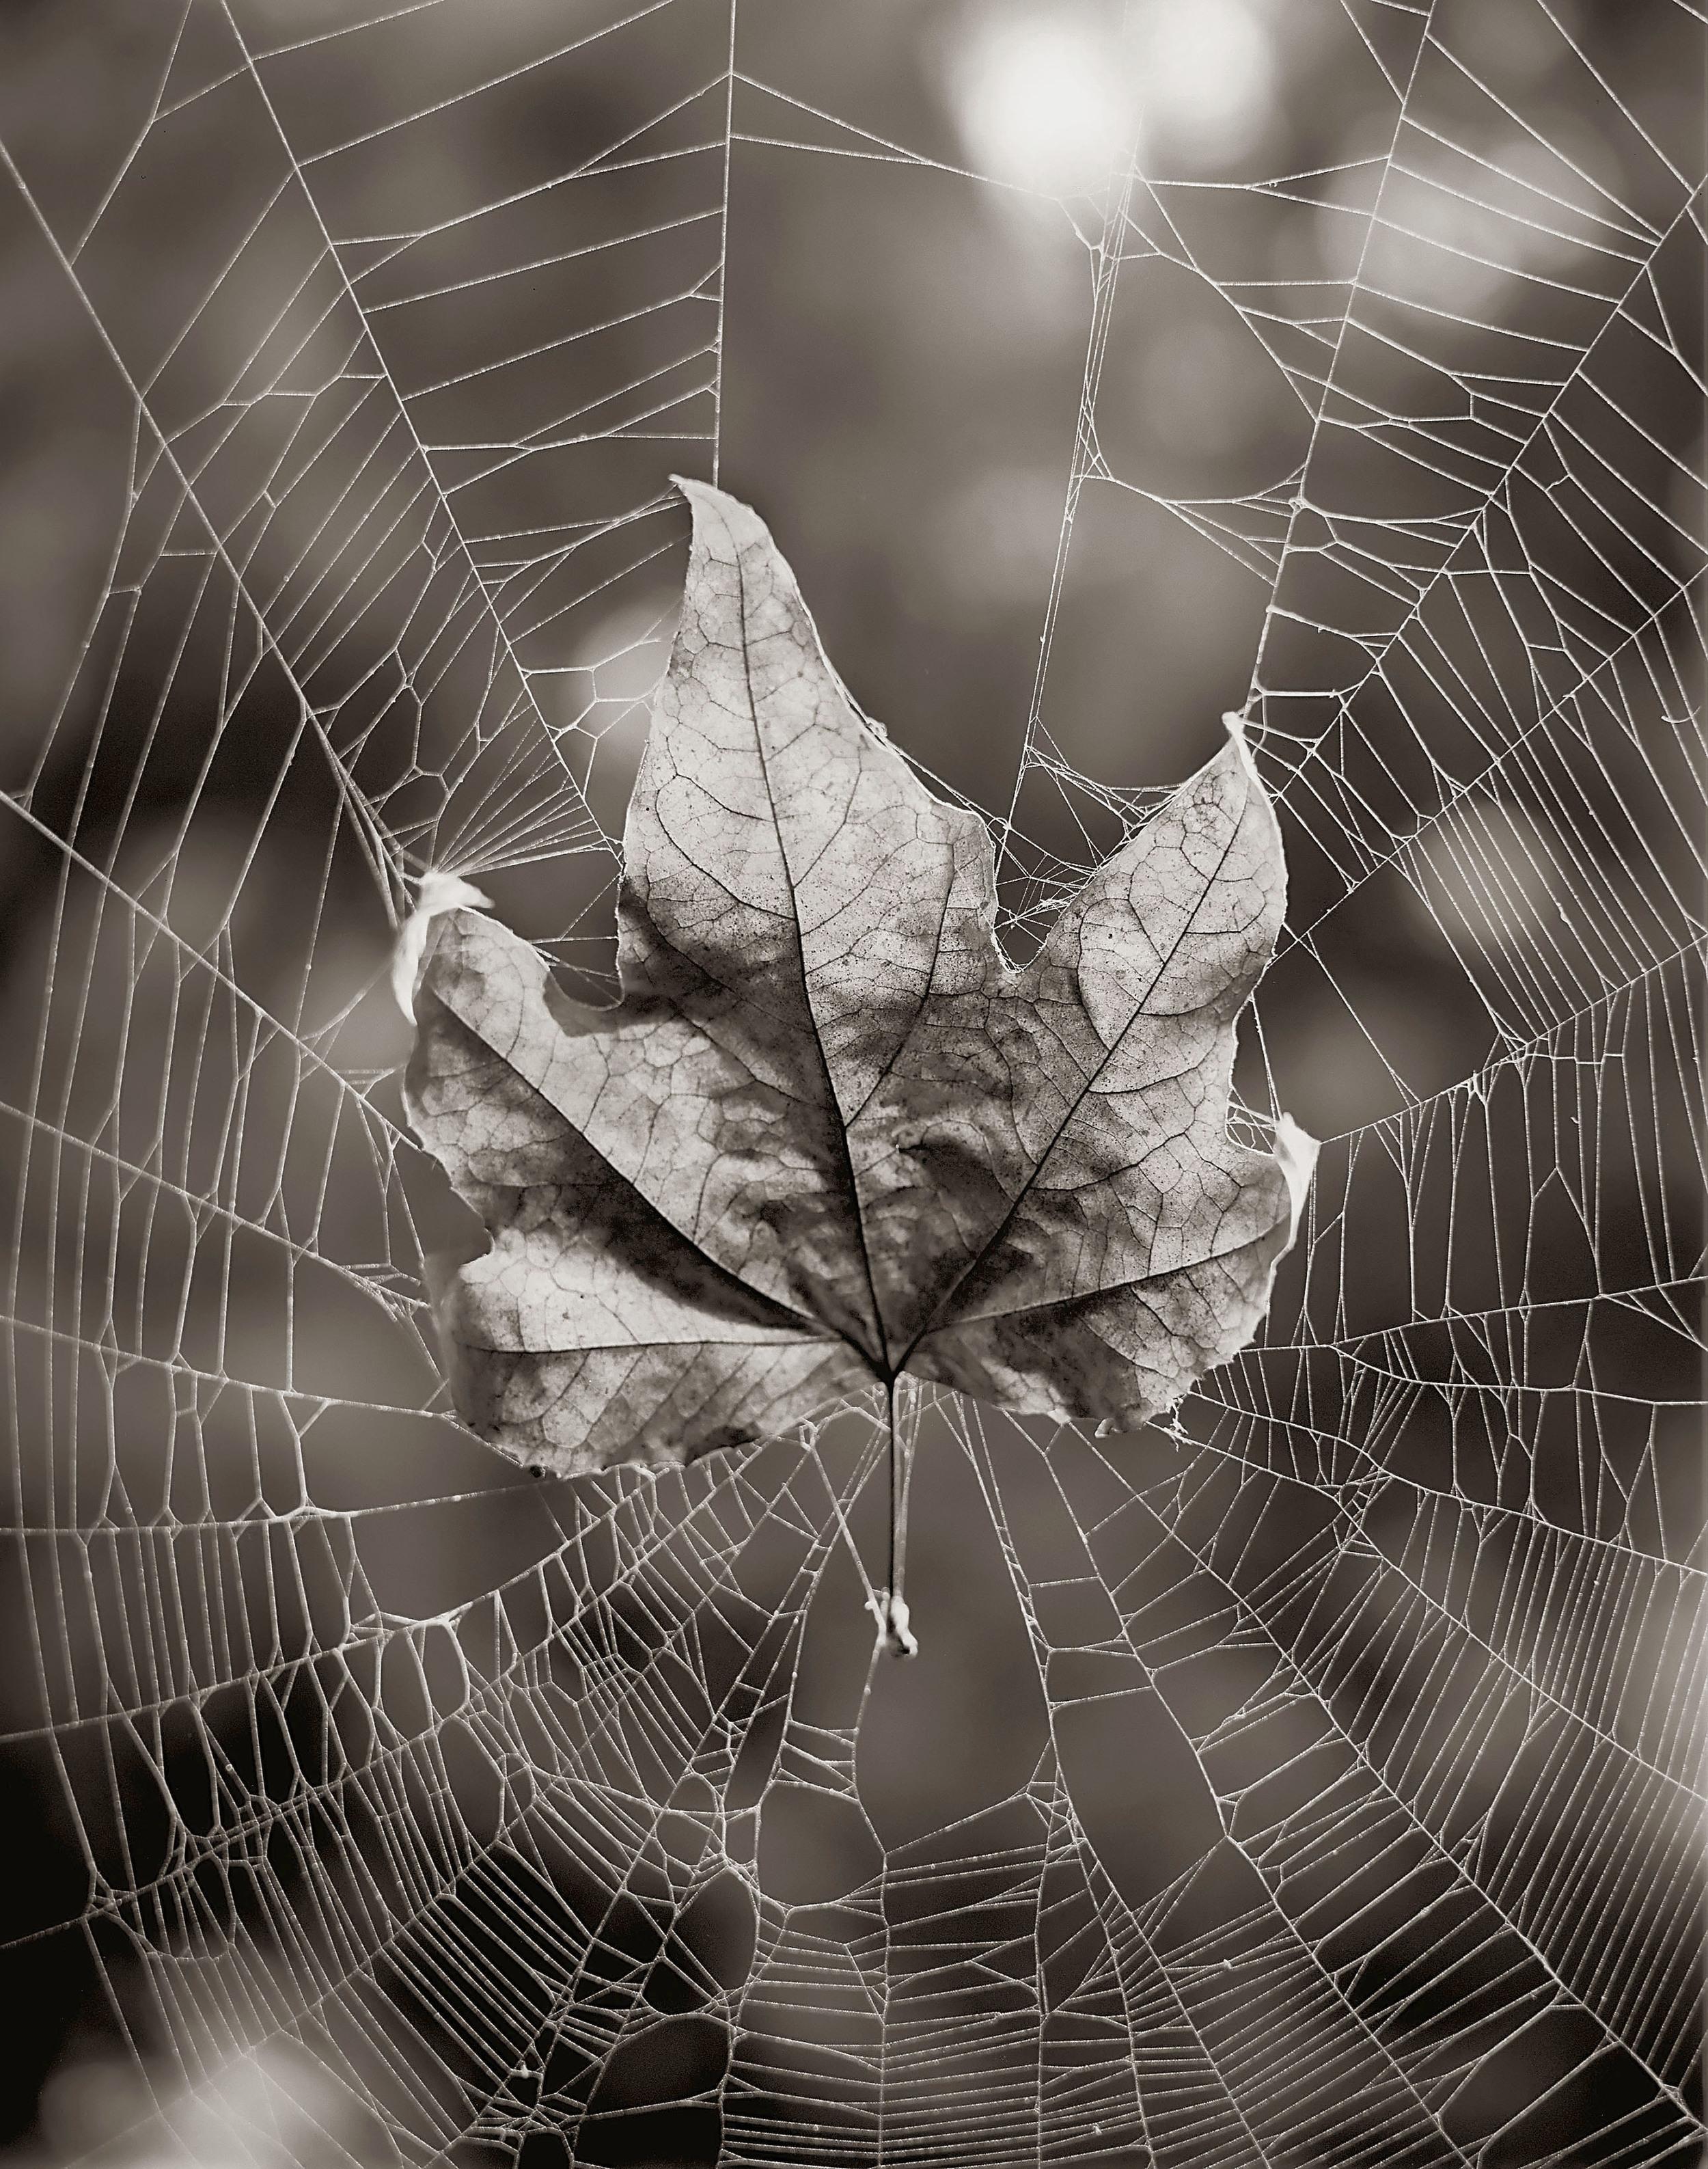 spiderntree.jpg